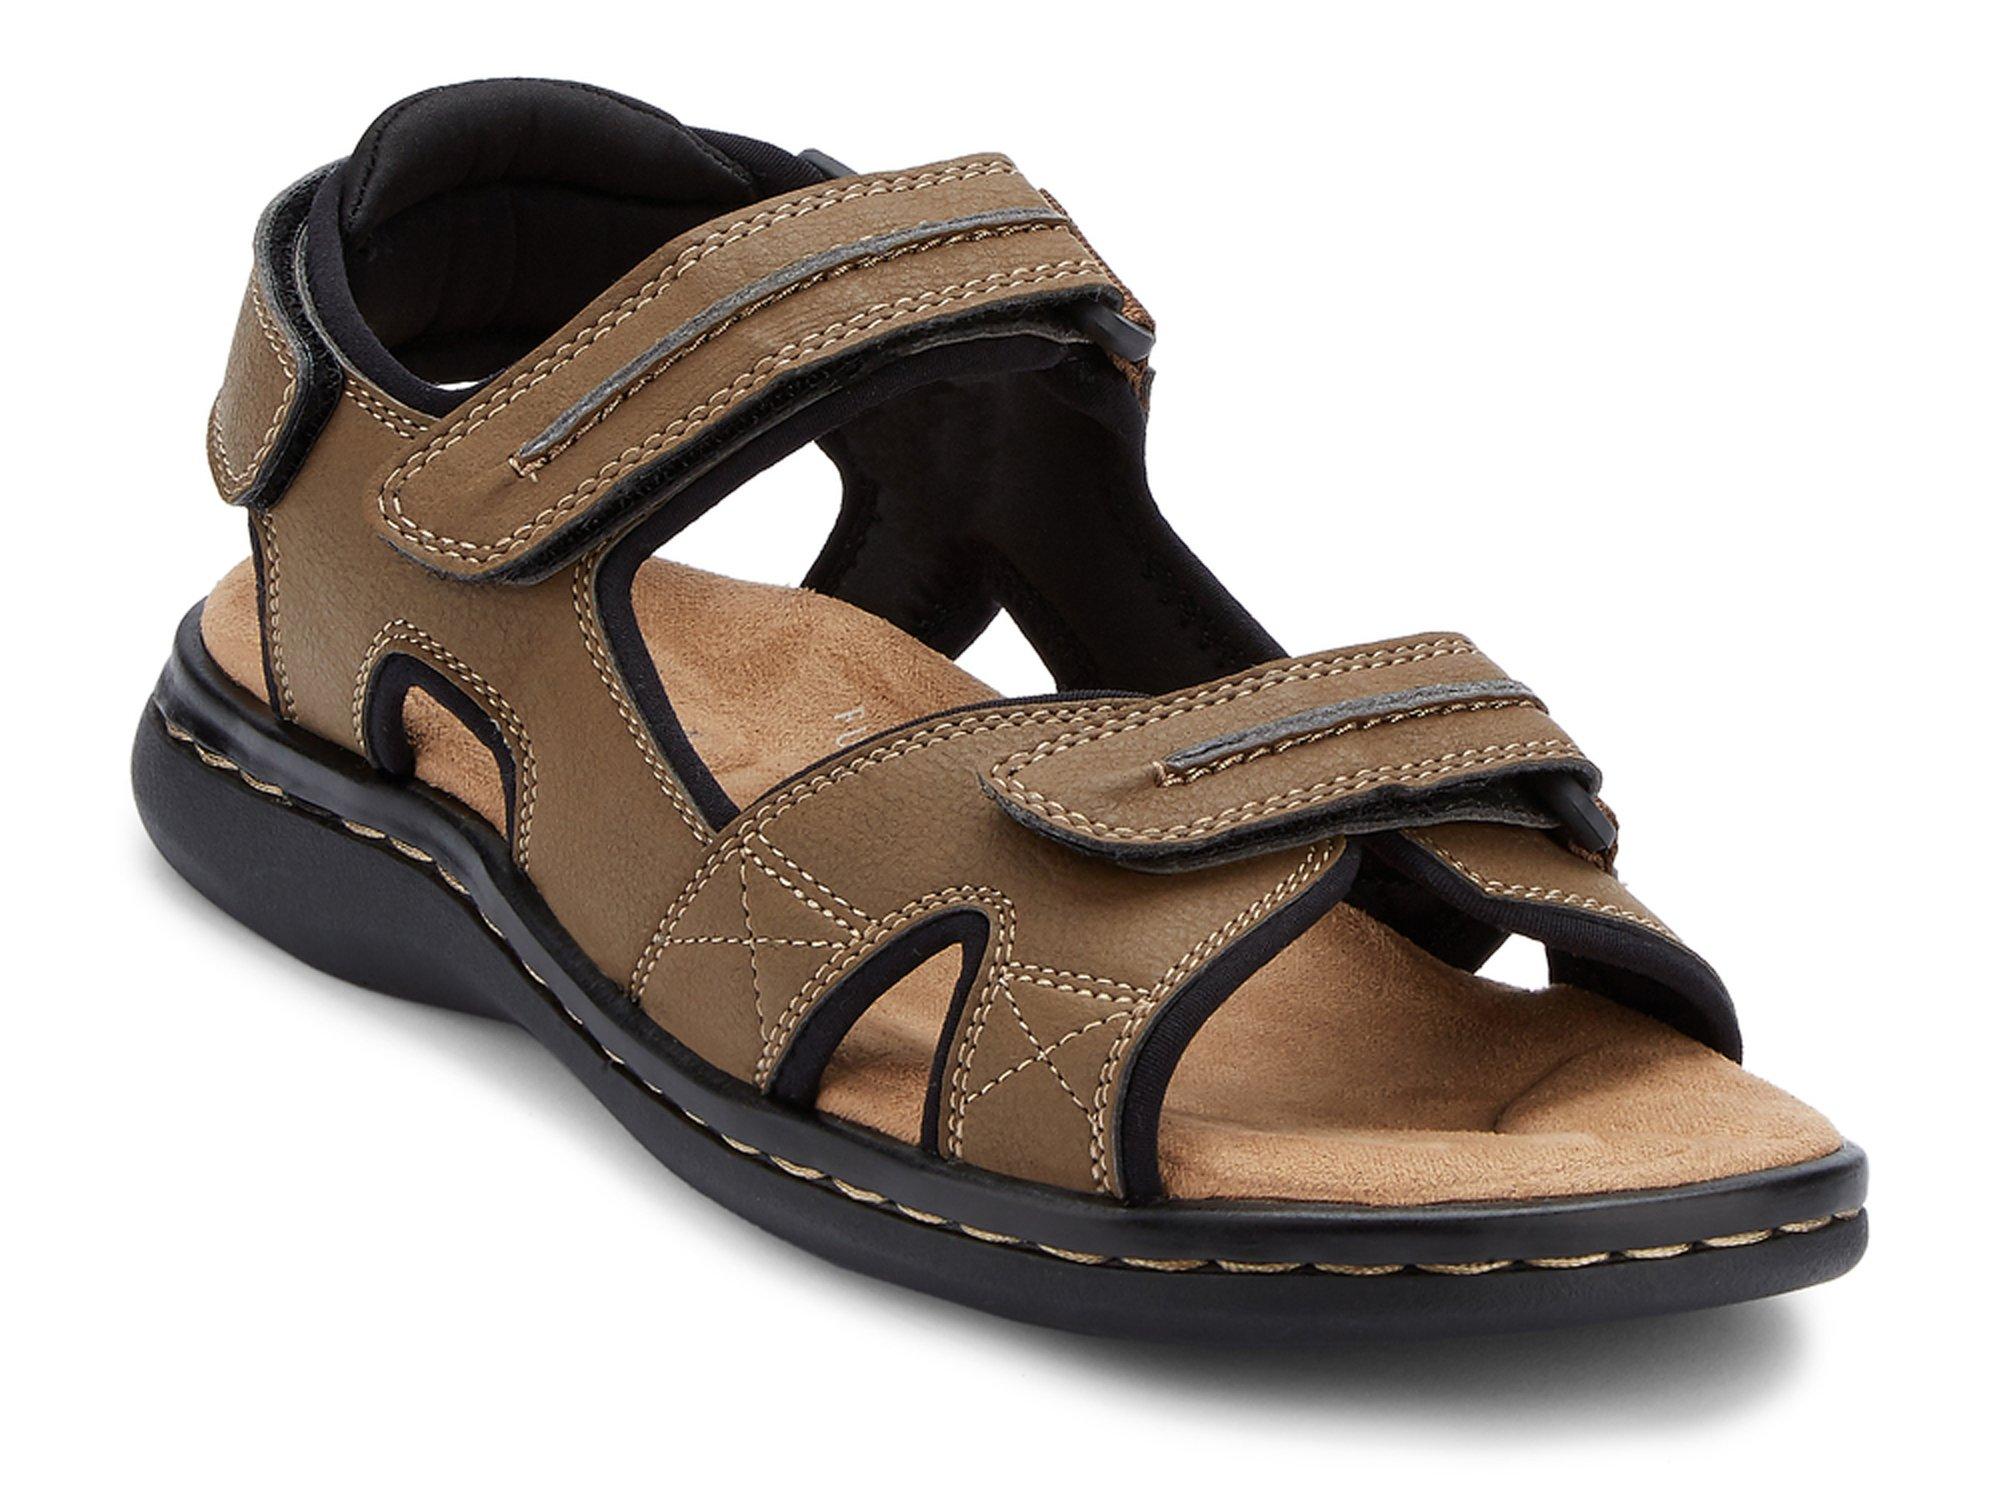 Dockers Men's Newpage Sporty Outdoor Sandal Shoe,Dark Tan, 12 M US